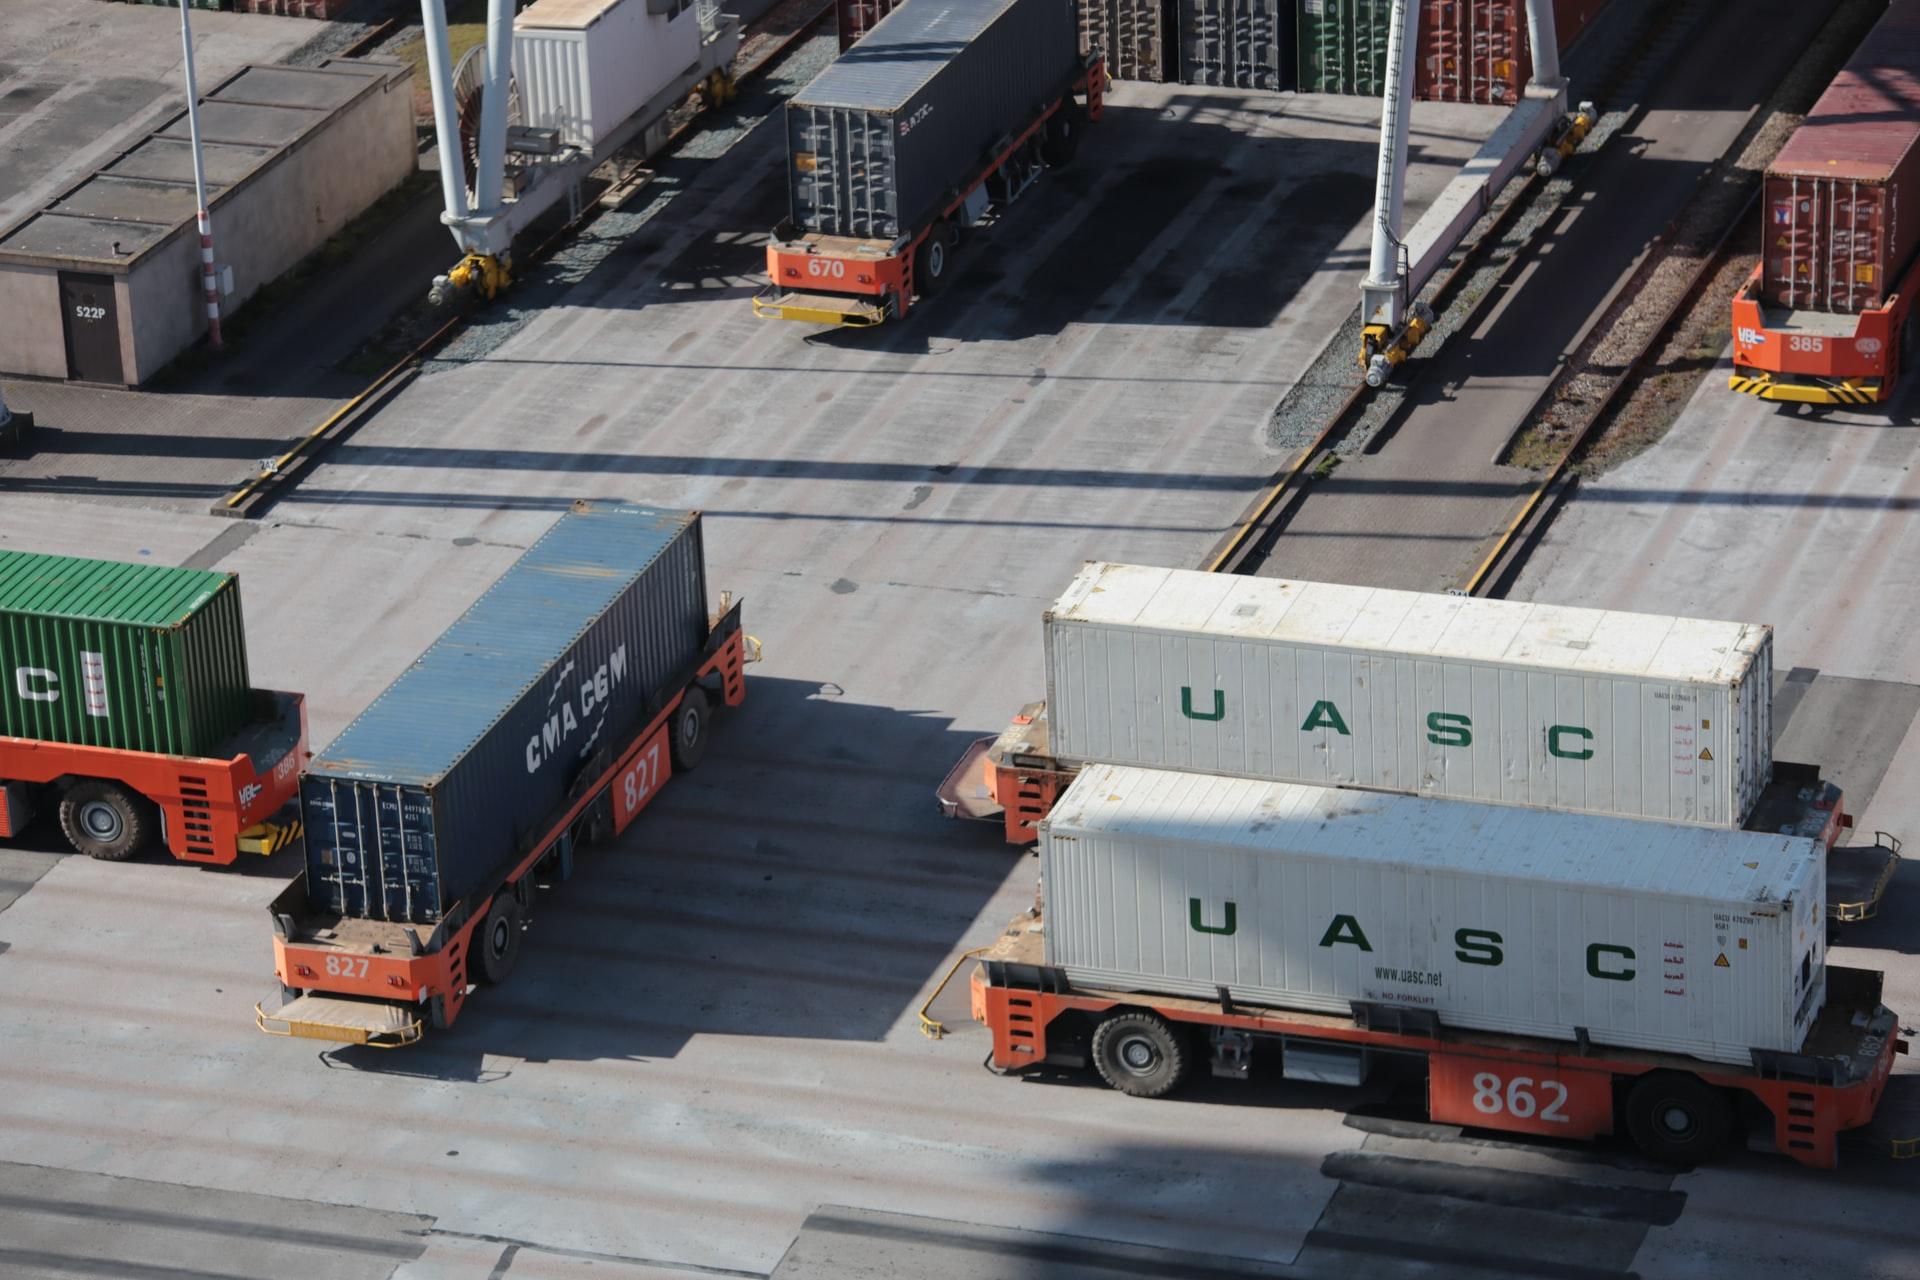 huge cargo trucks